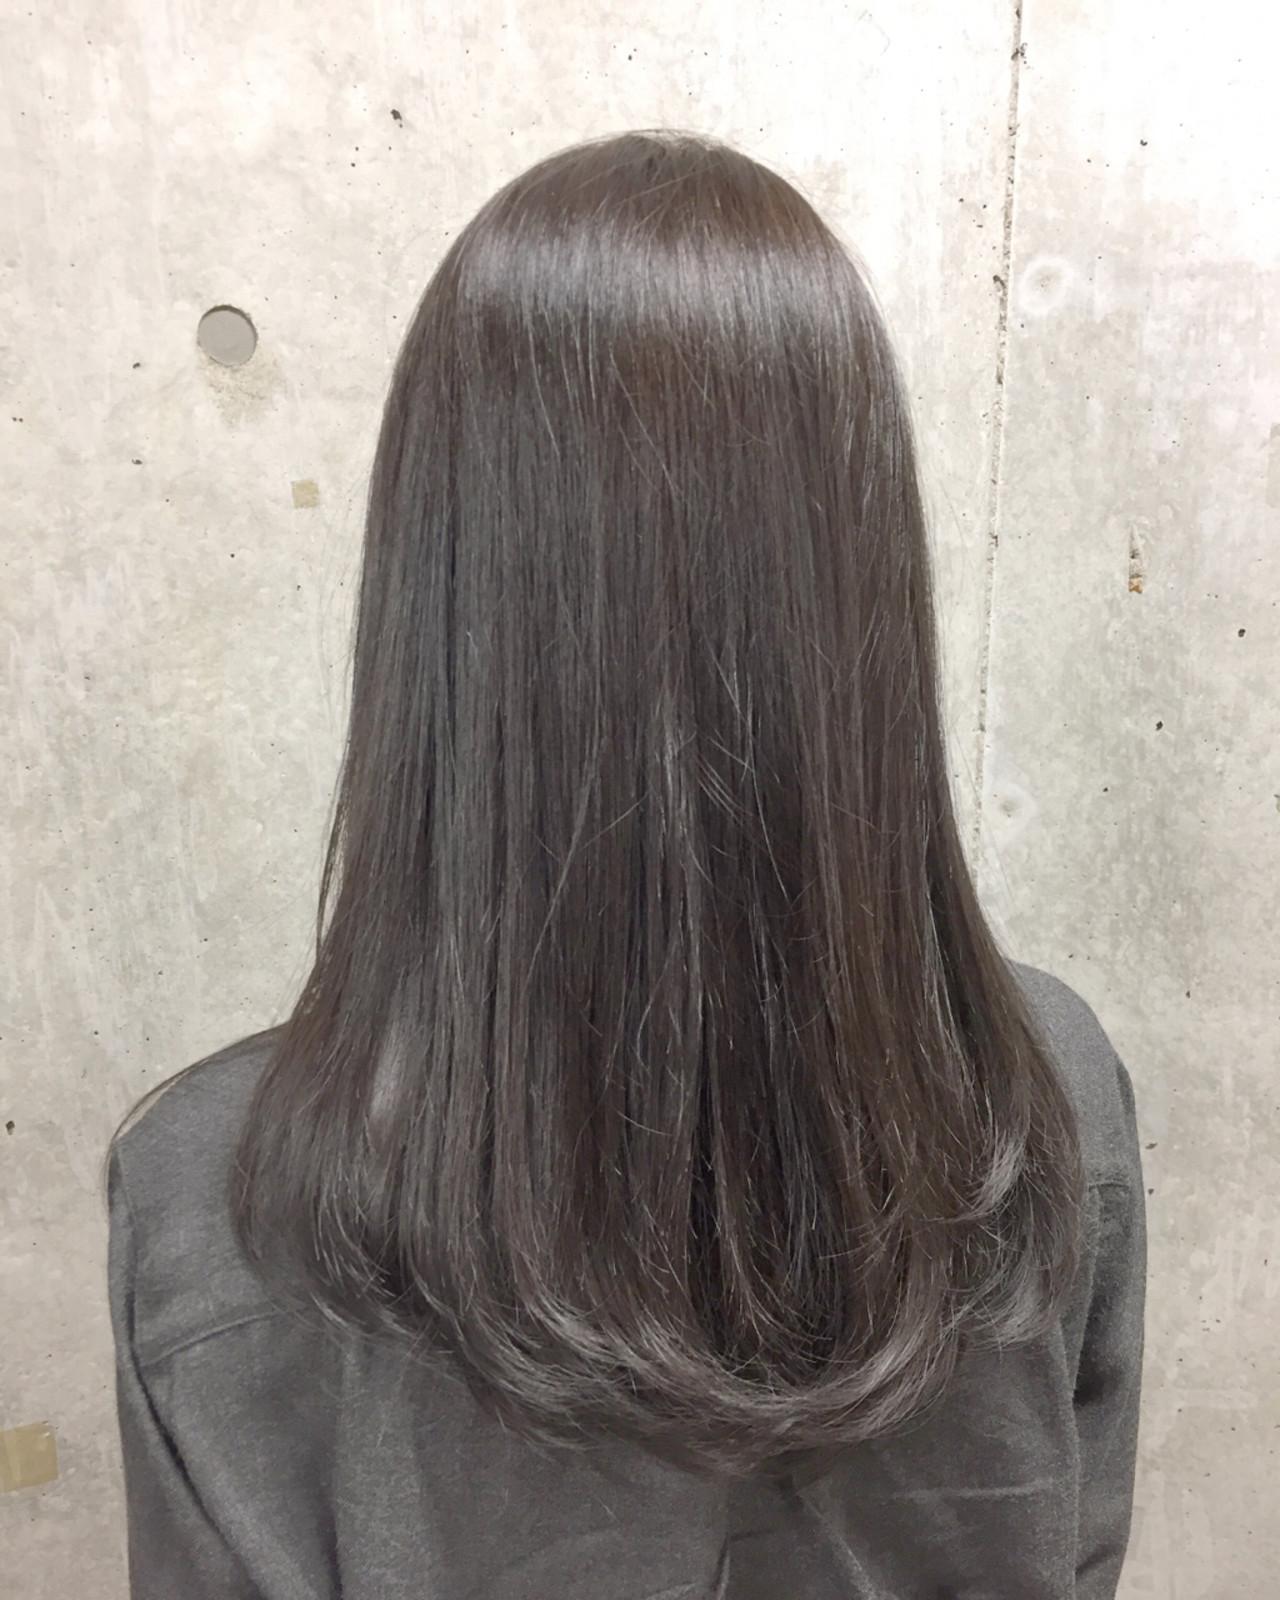 ヘアアレンジ ナチュラル イルミナカラー 透明感 ヘアスタイルや髪型の写真・画像